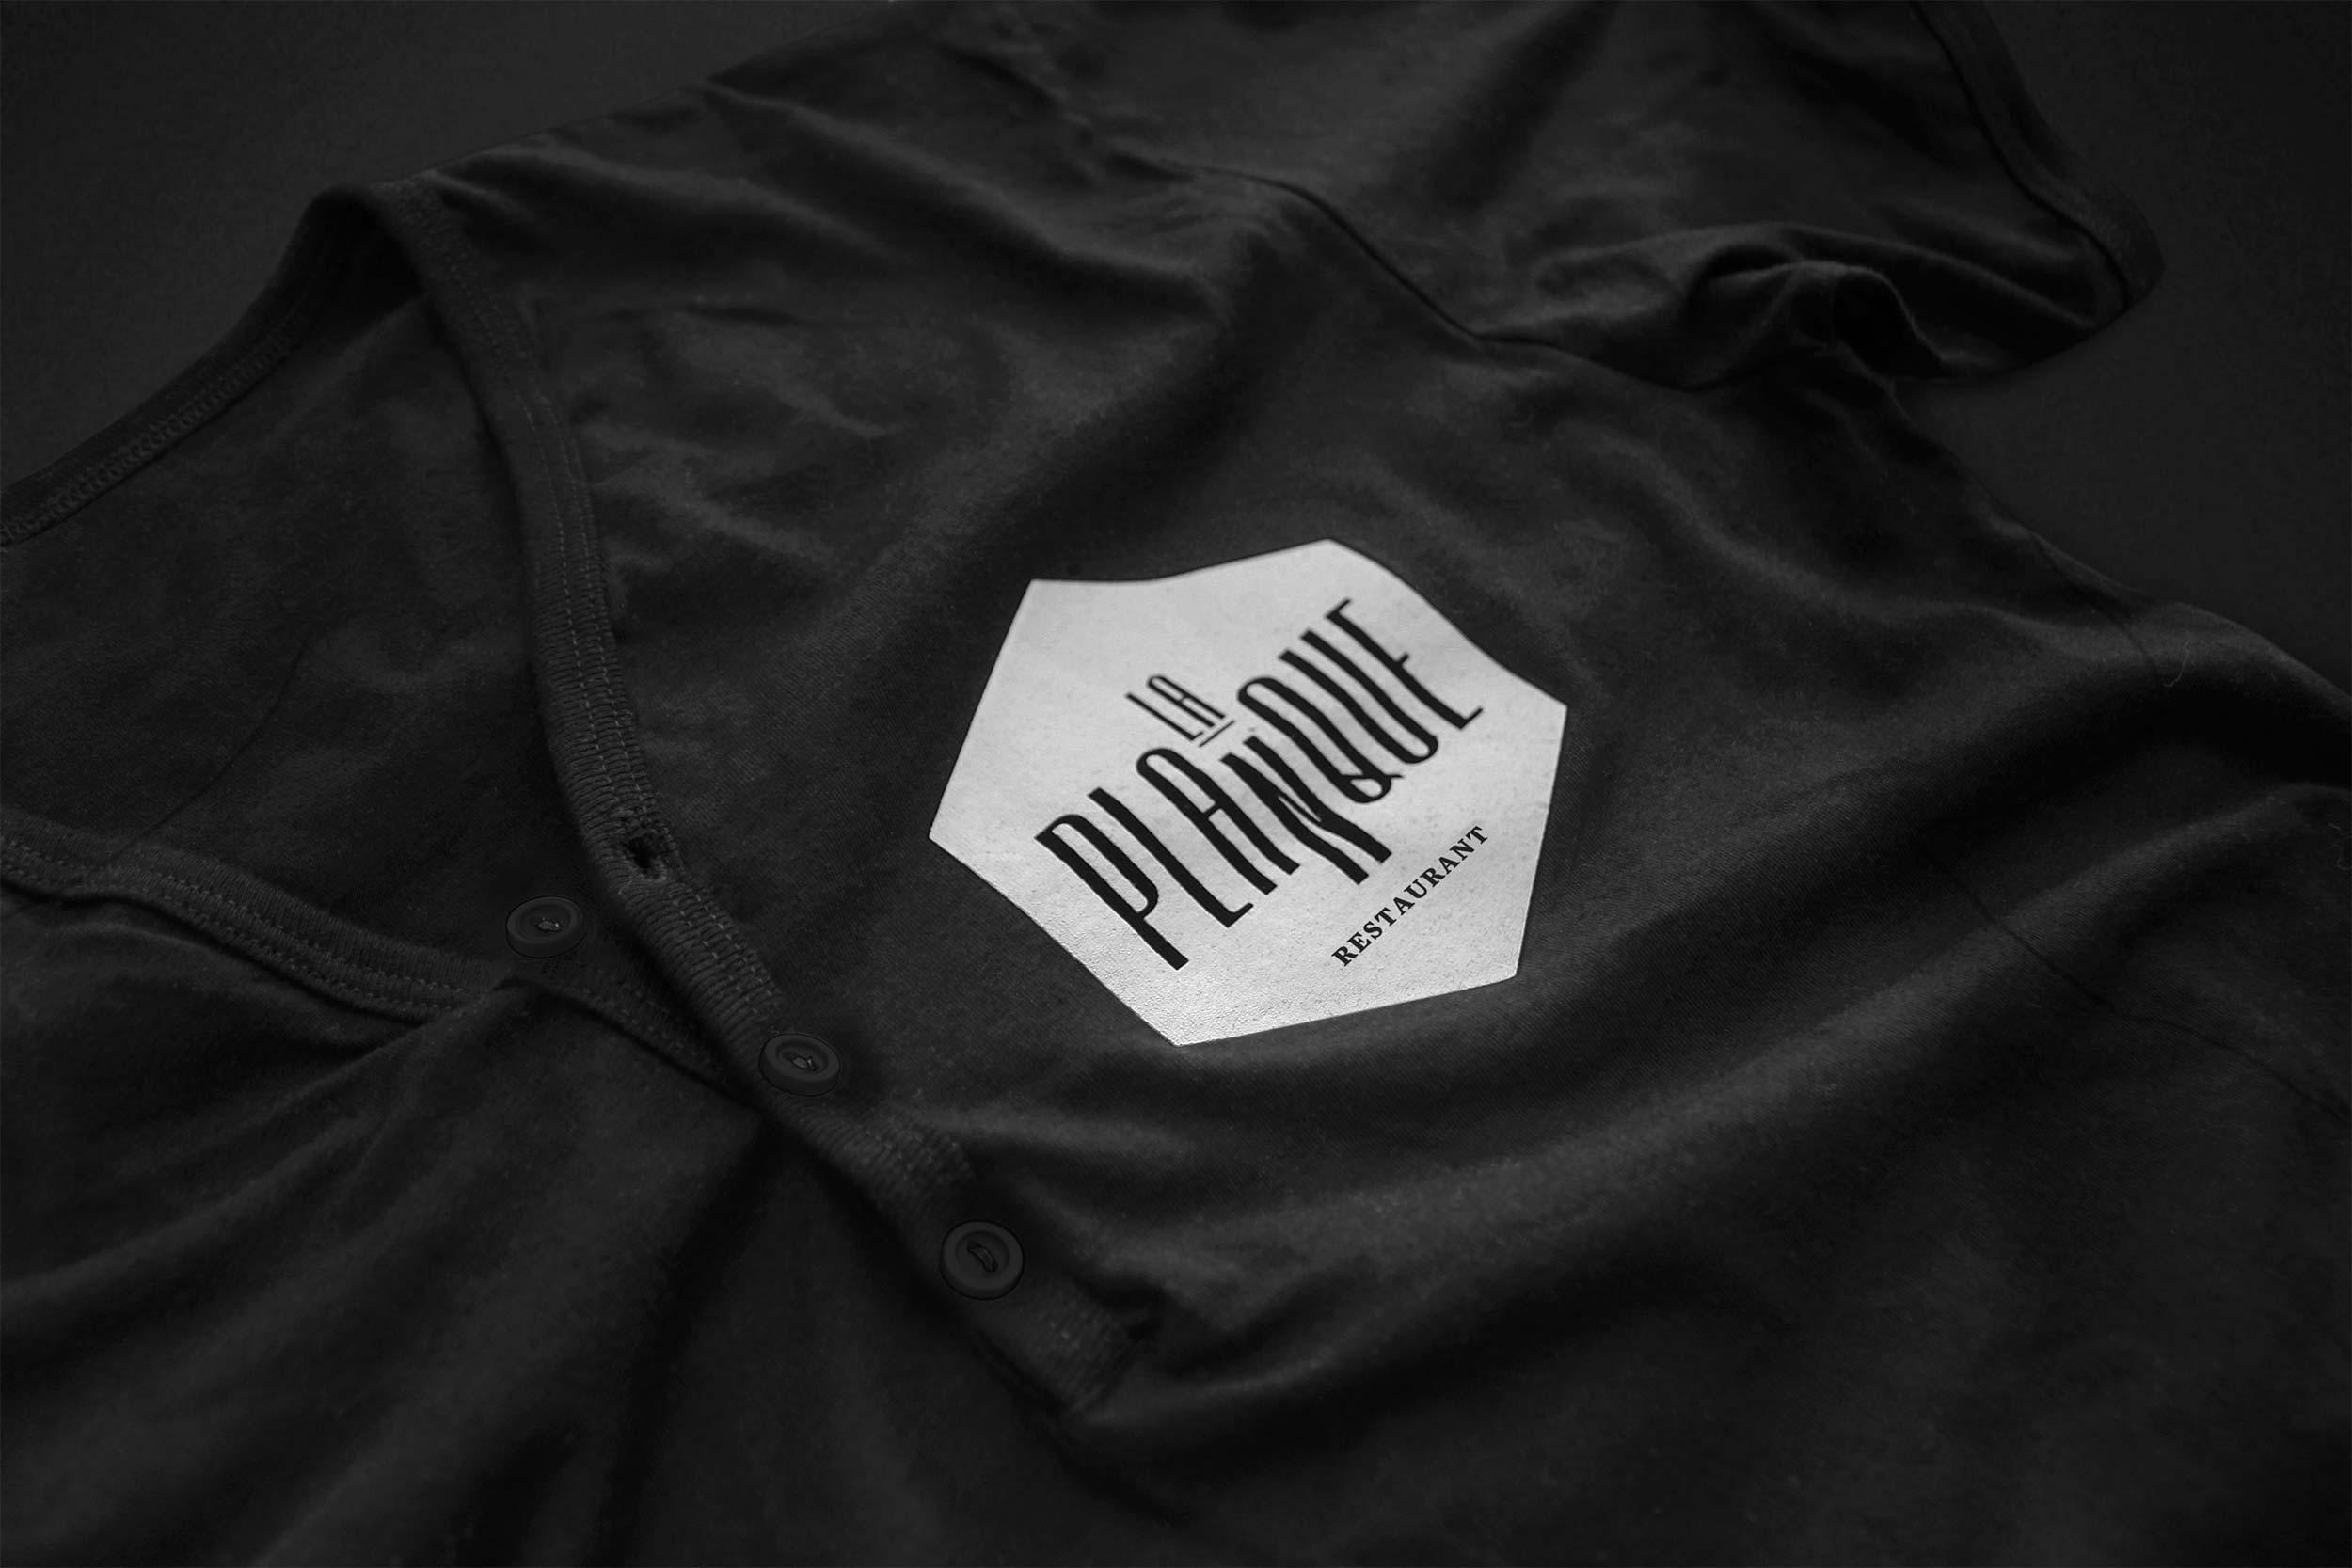 Design graphique-Branding-Logo-Chandail-Impression-La planque-Québec